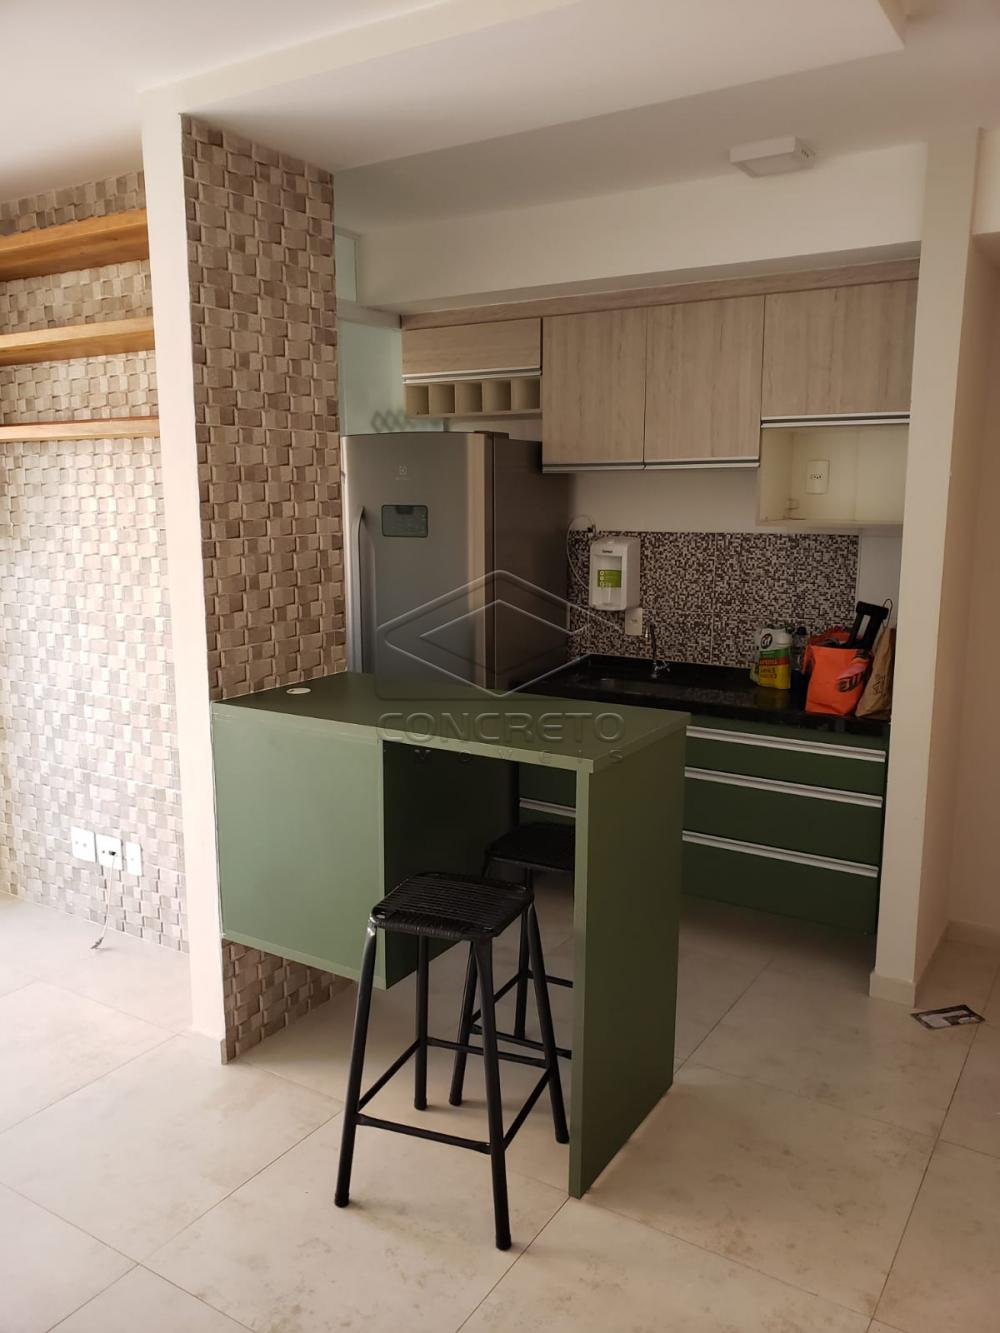 Comprar Apartamento / Padrão em Bauru R$ 360.000,00 - Foto 16